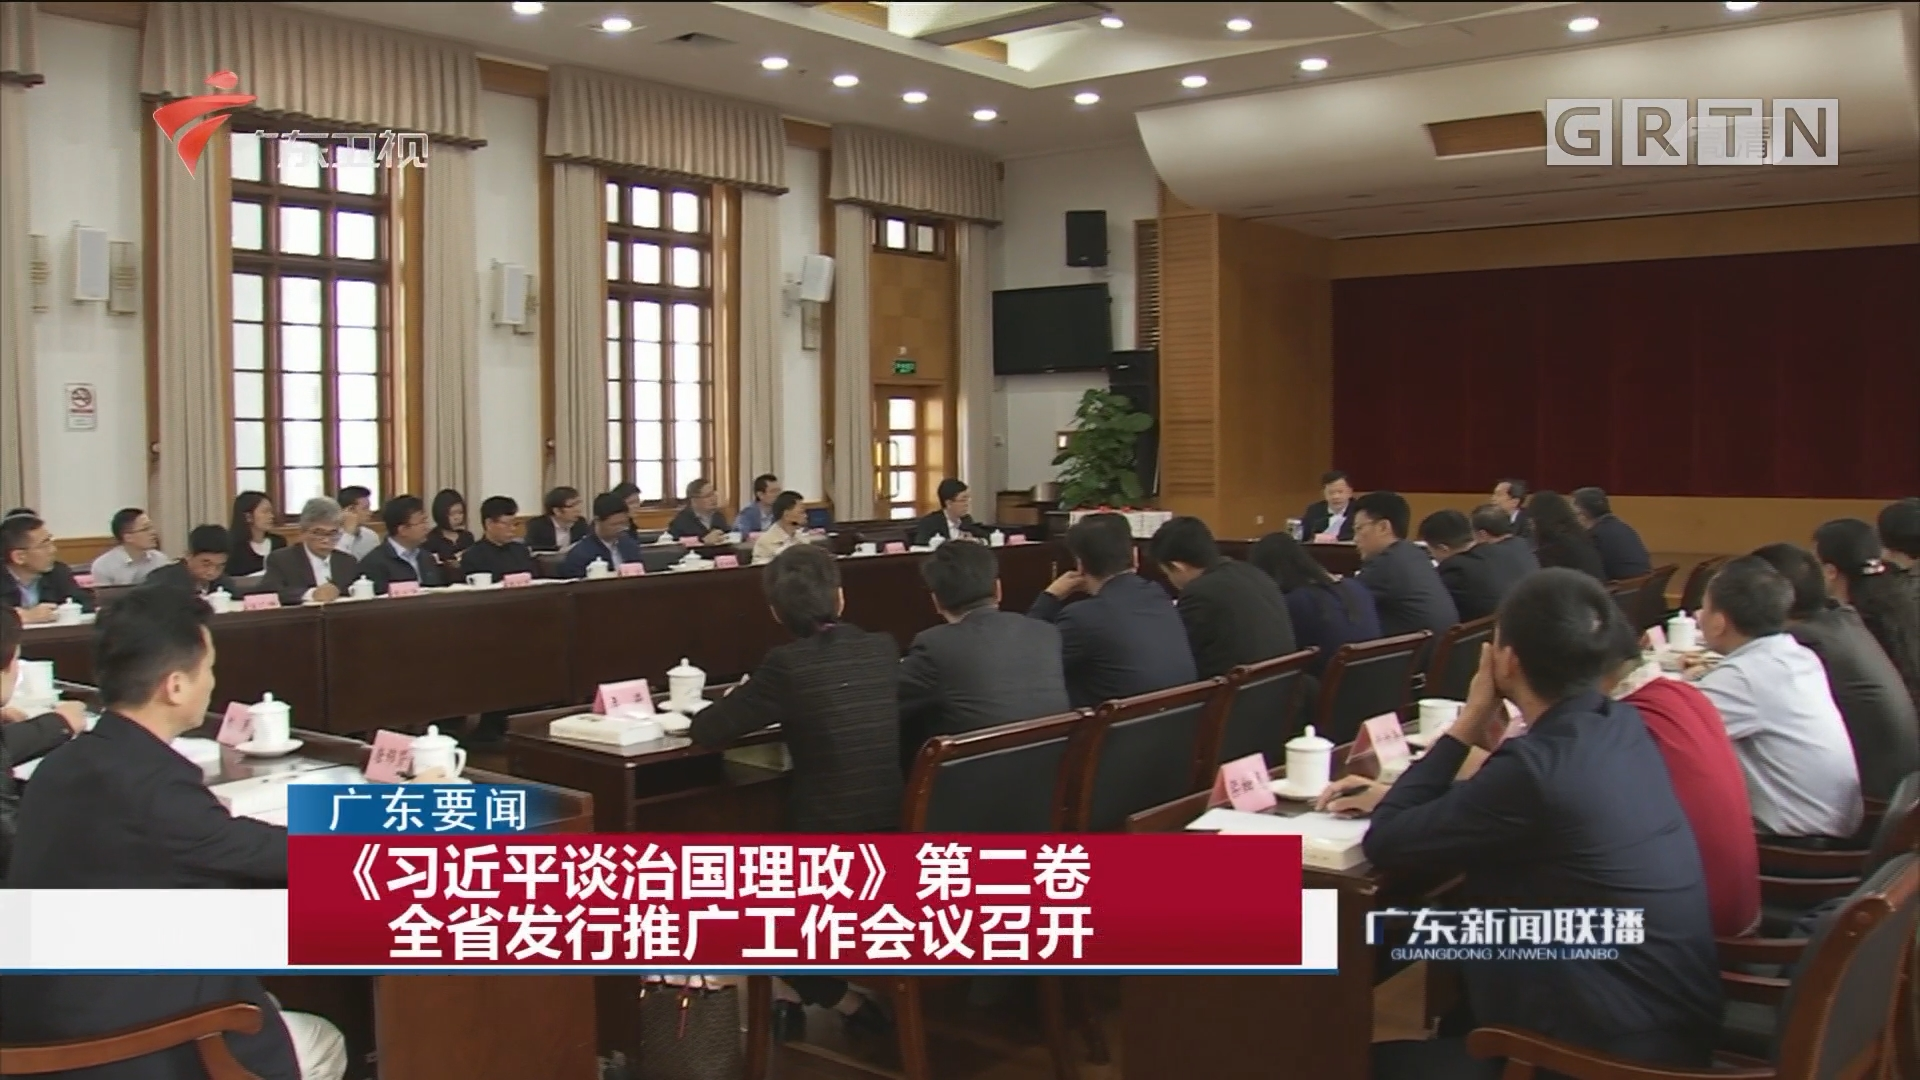 《习近平谈治国理政》第二卷全省发行推广工作会议召开